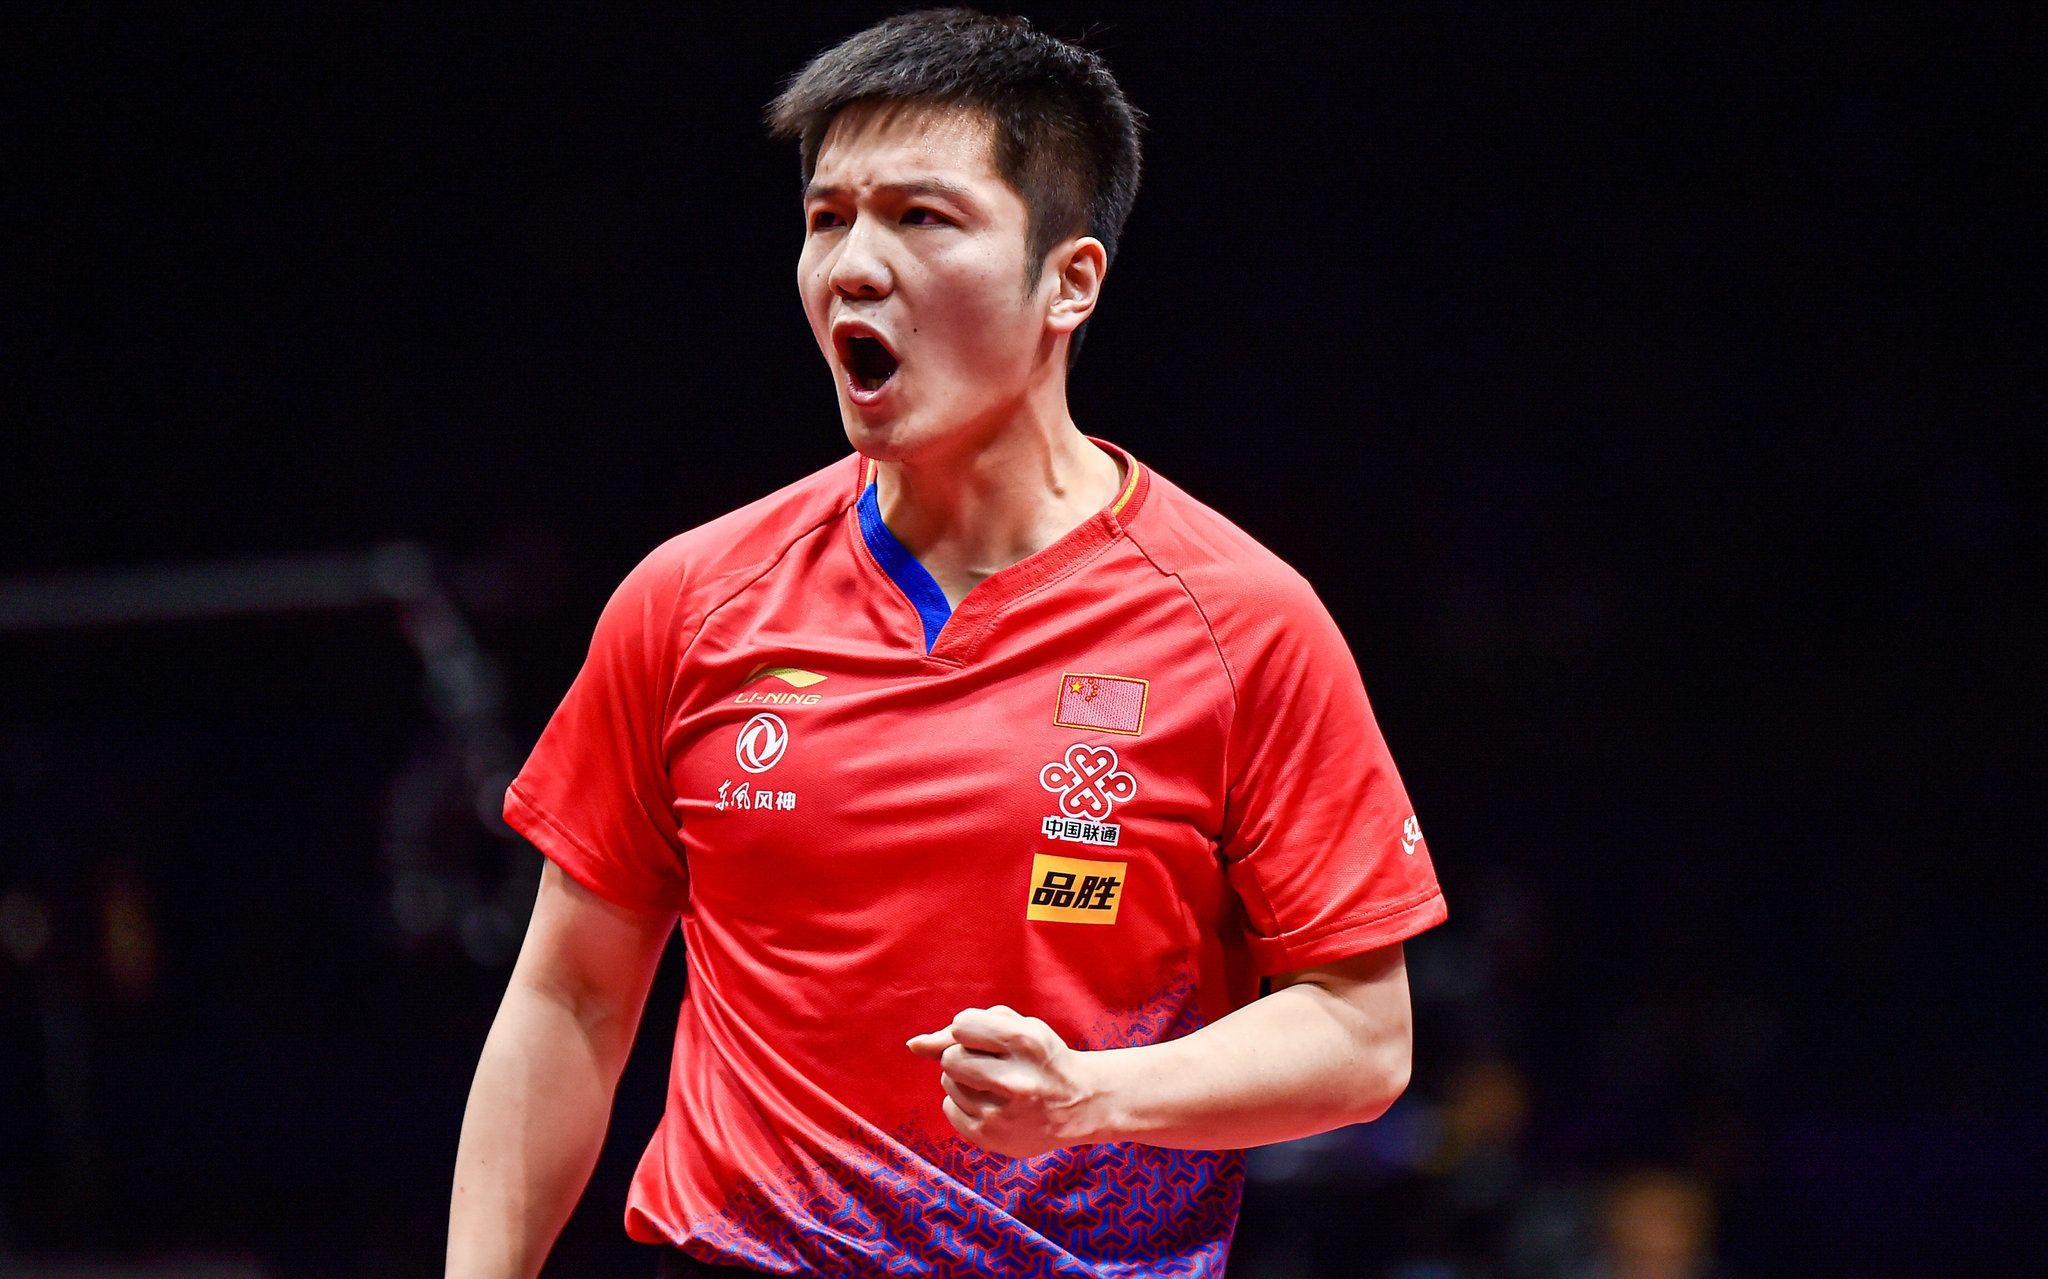 樊振东第3次夺【得】世界杯冠军。图/Osports